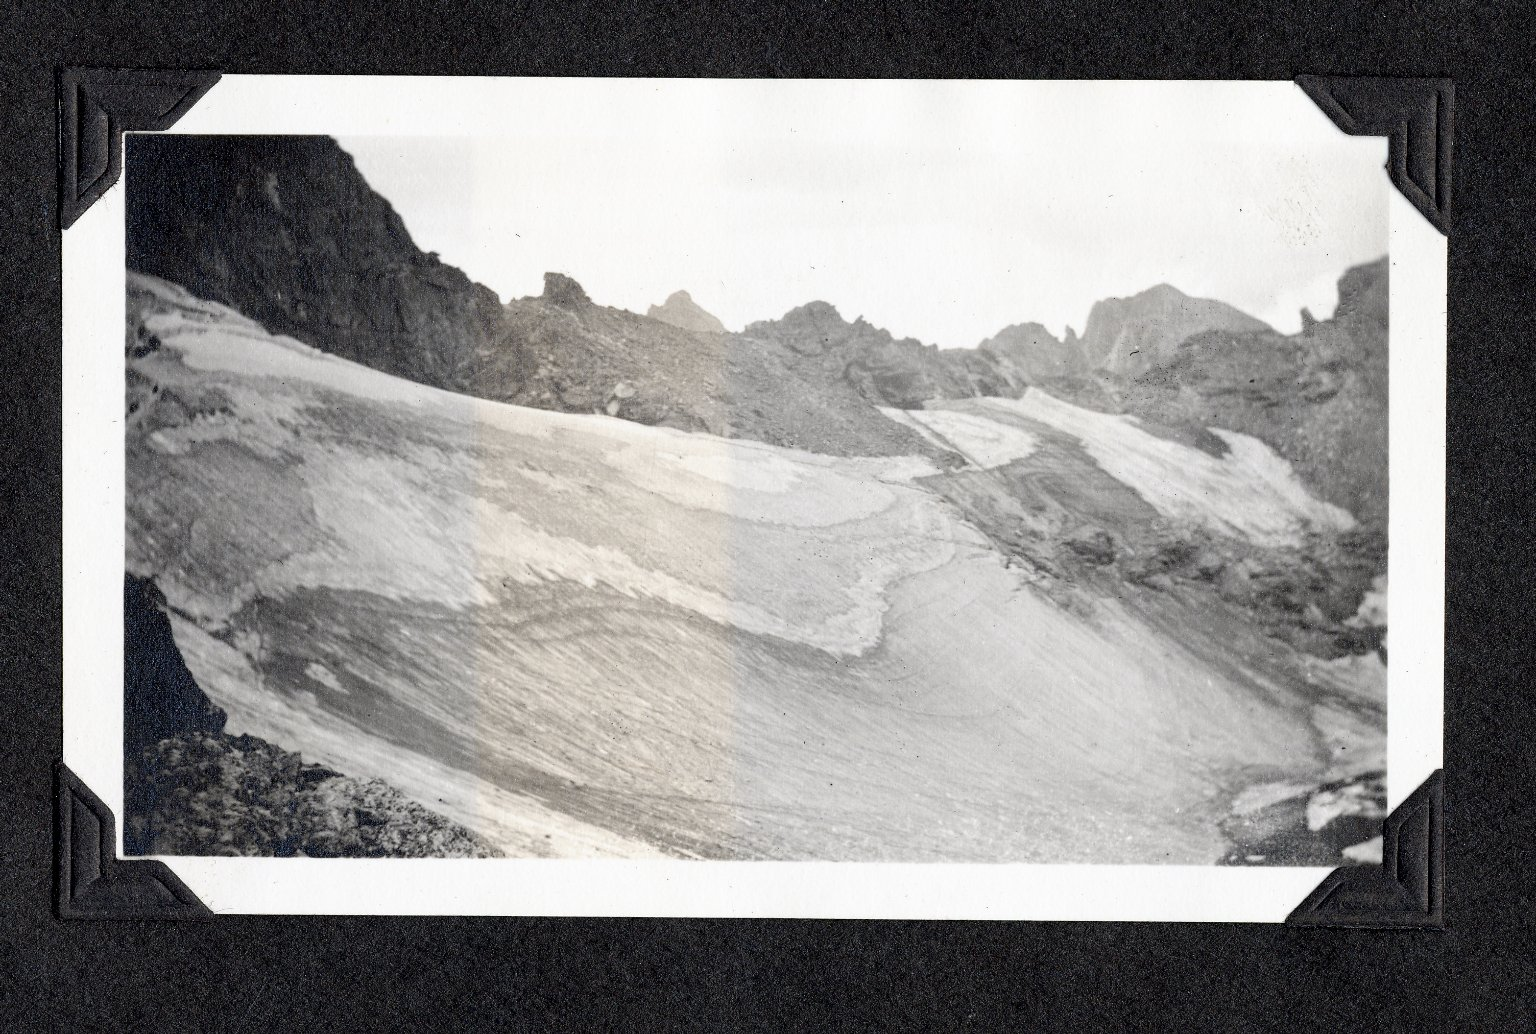 Glacier and ridgeline